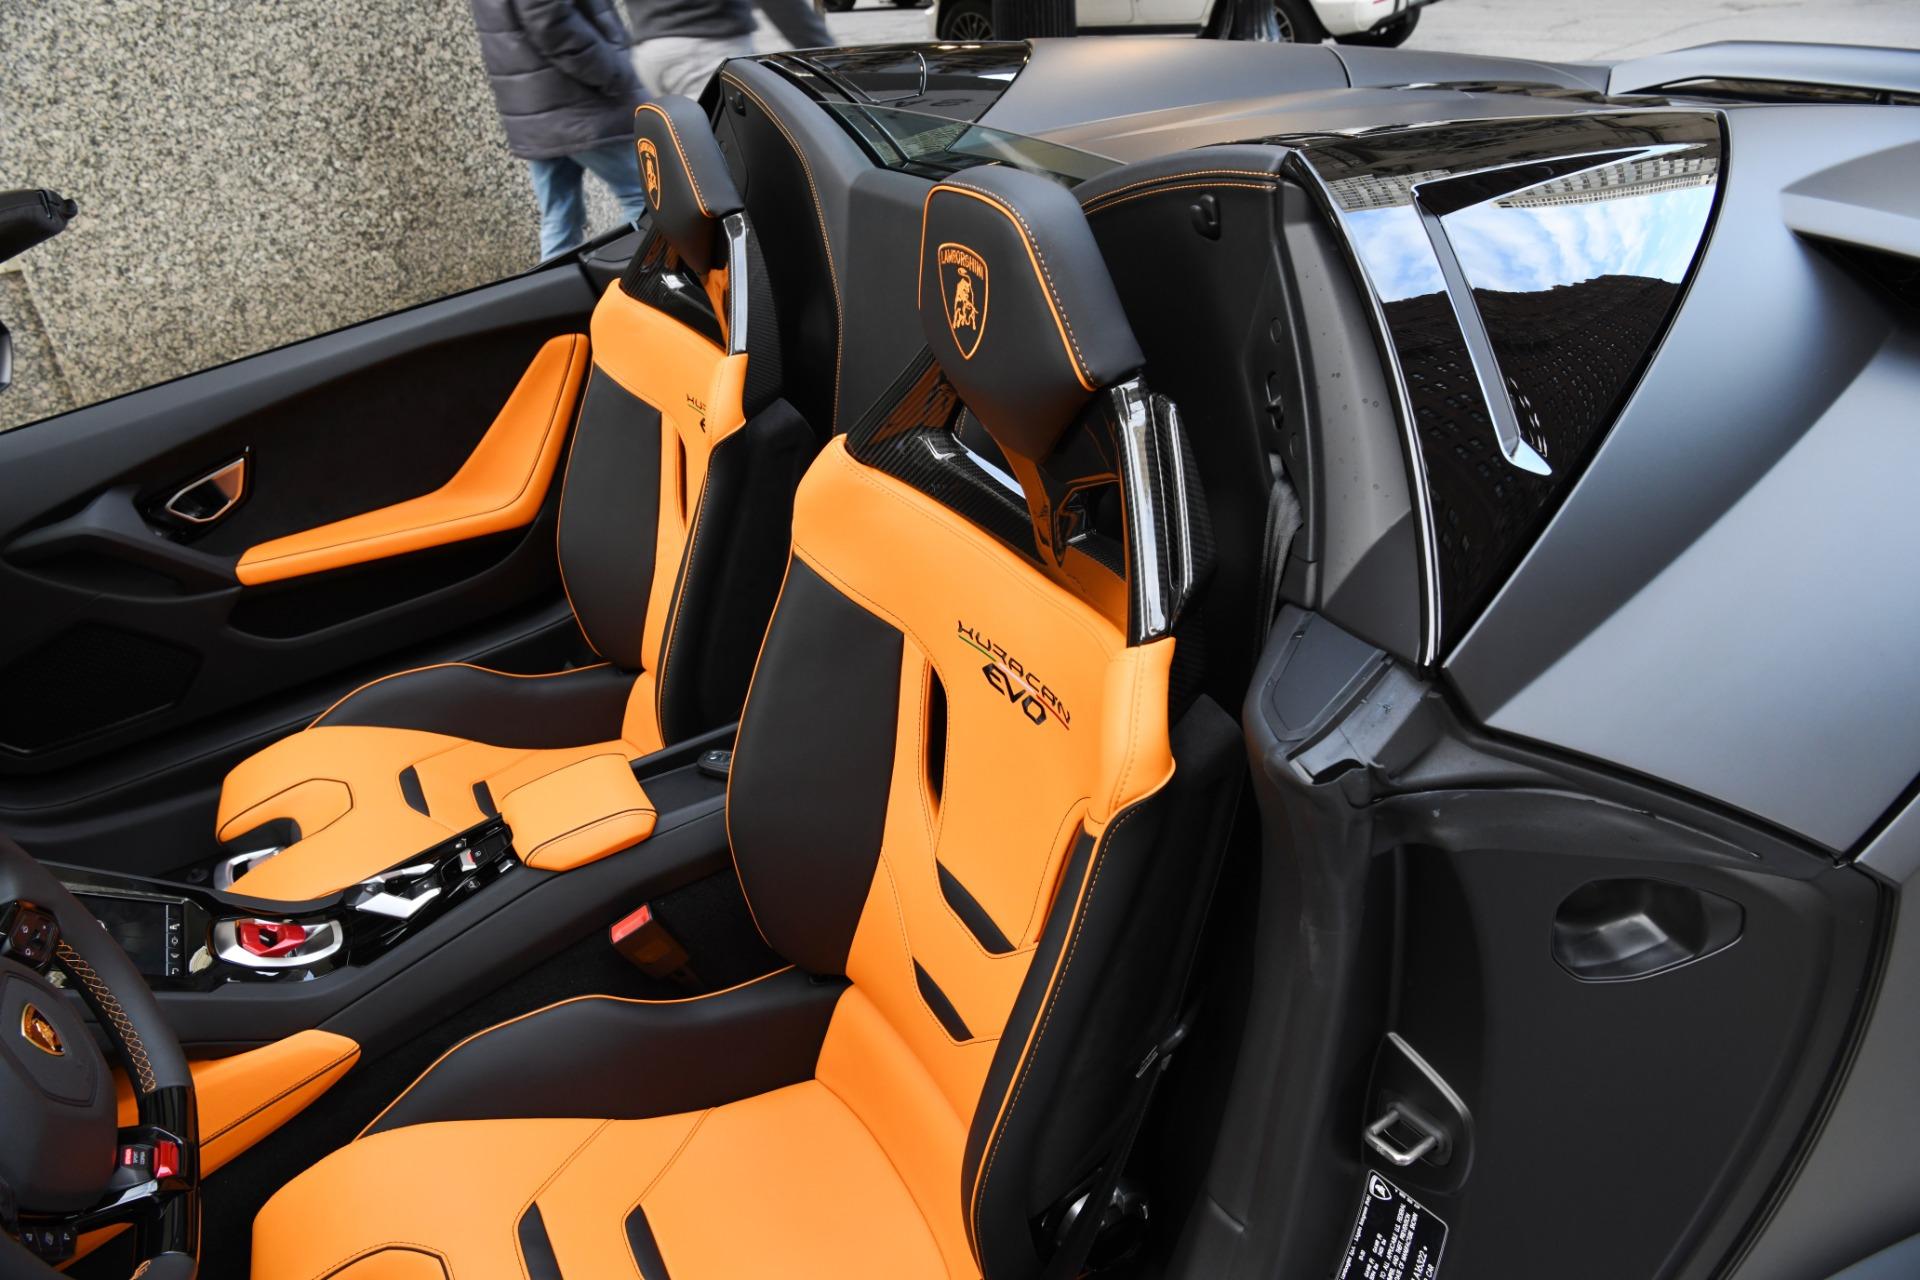 Used 2021 Lamborghini Huracan Evo Spyder LP 610-2 EVO Spyder | Chicago, IL